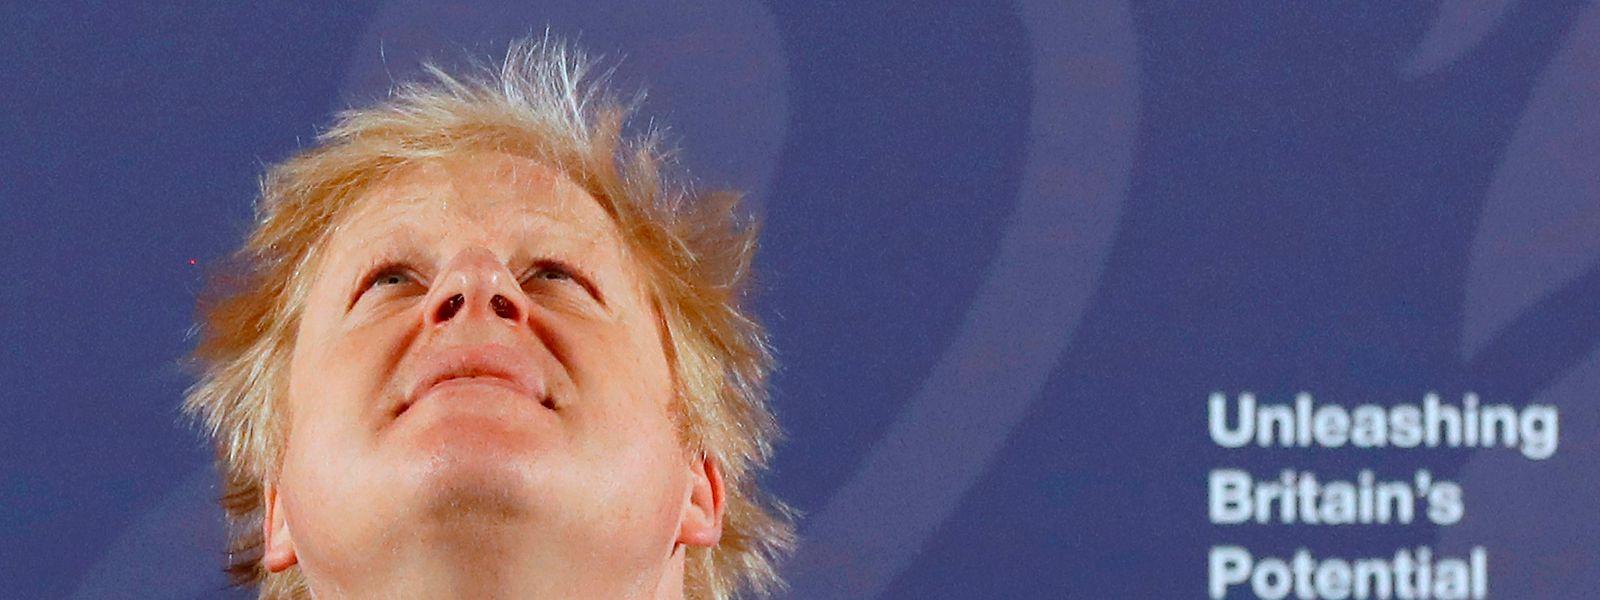 Le Premier ministre britannique Boris Johnson affirme que le Royaume-Uni ne compte pas faire de «concurrence déloyale» à l'UE ou s'engager dans «une course vers le bas» sur les normes.